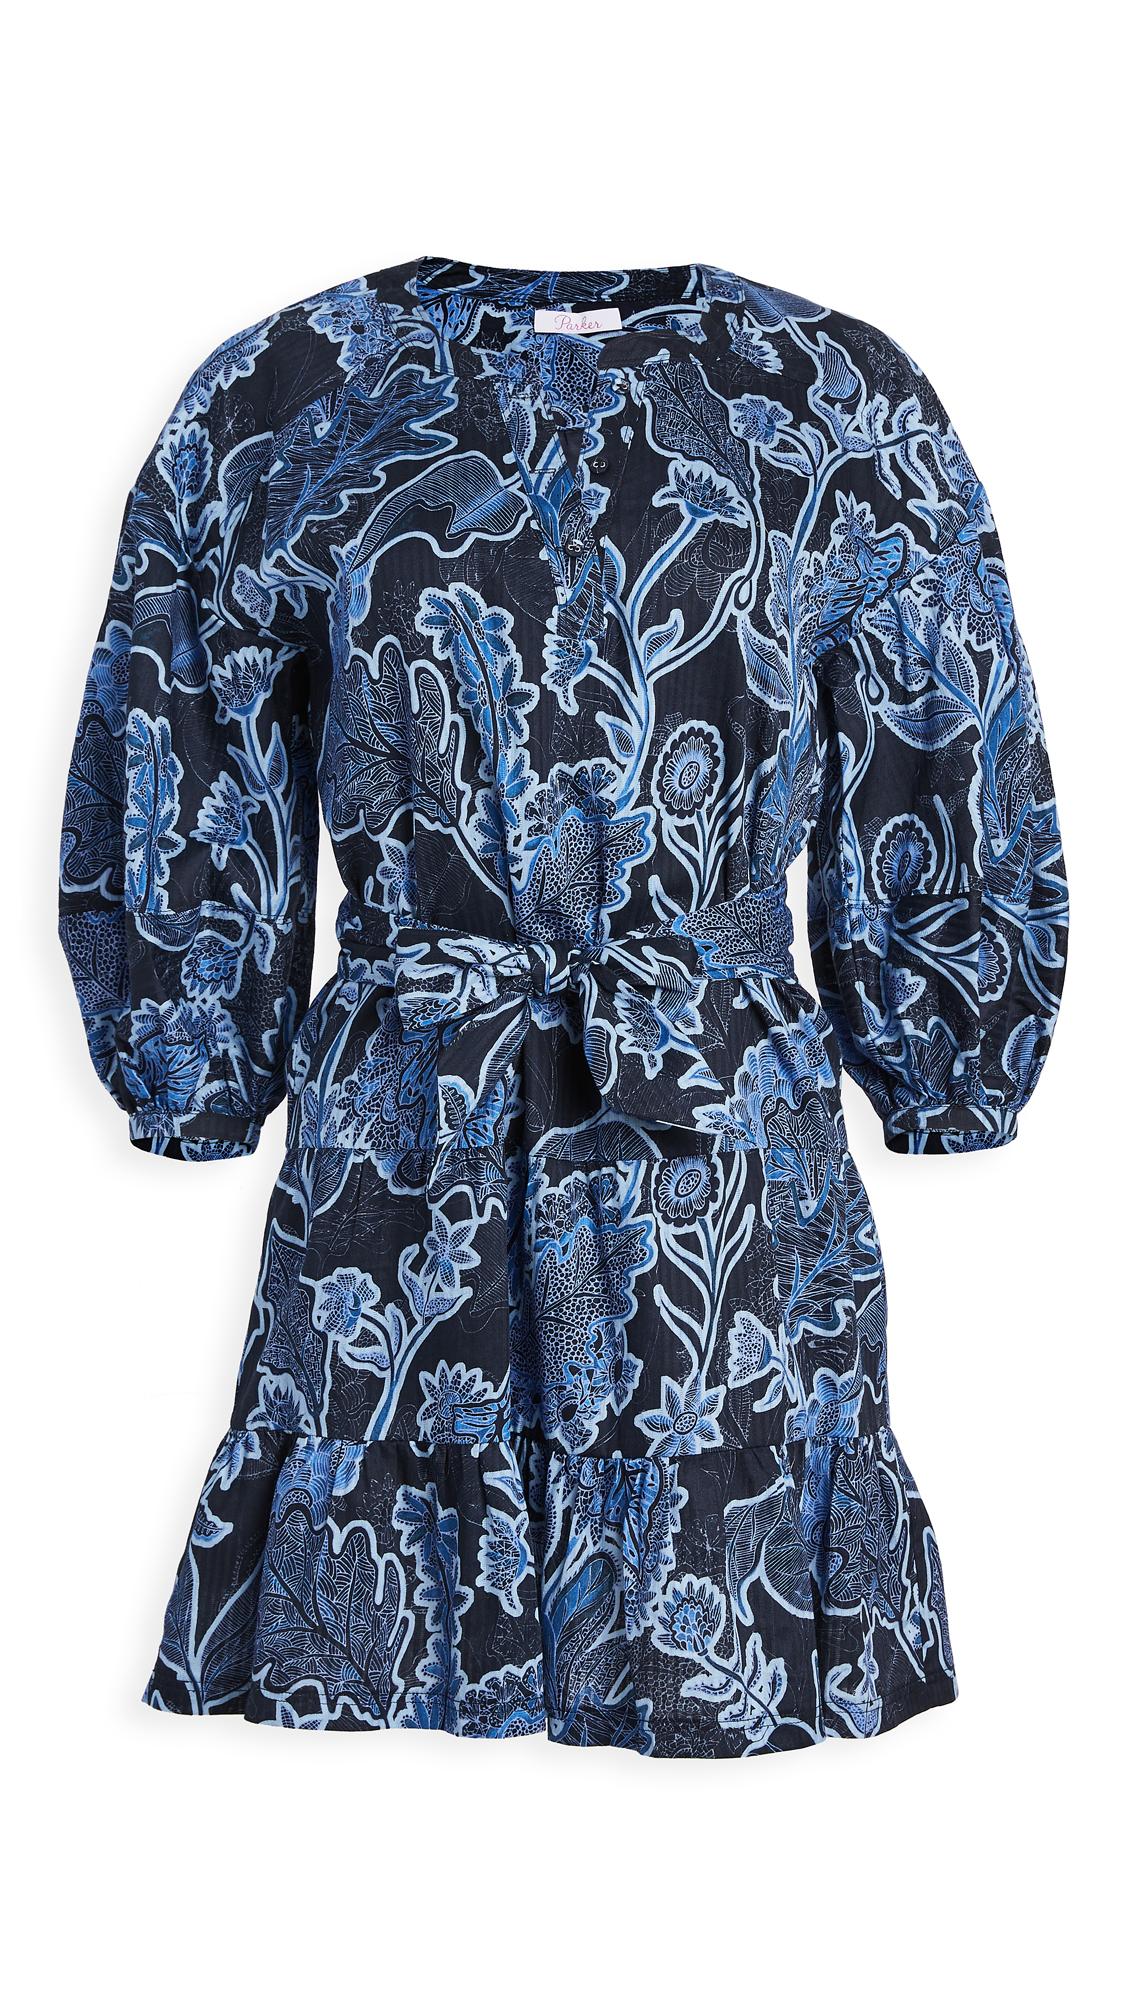 Parker Jenna Dress - 50% Off Sale